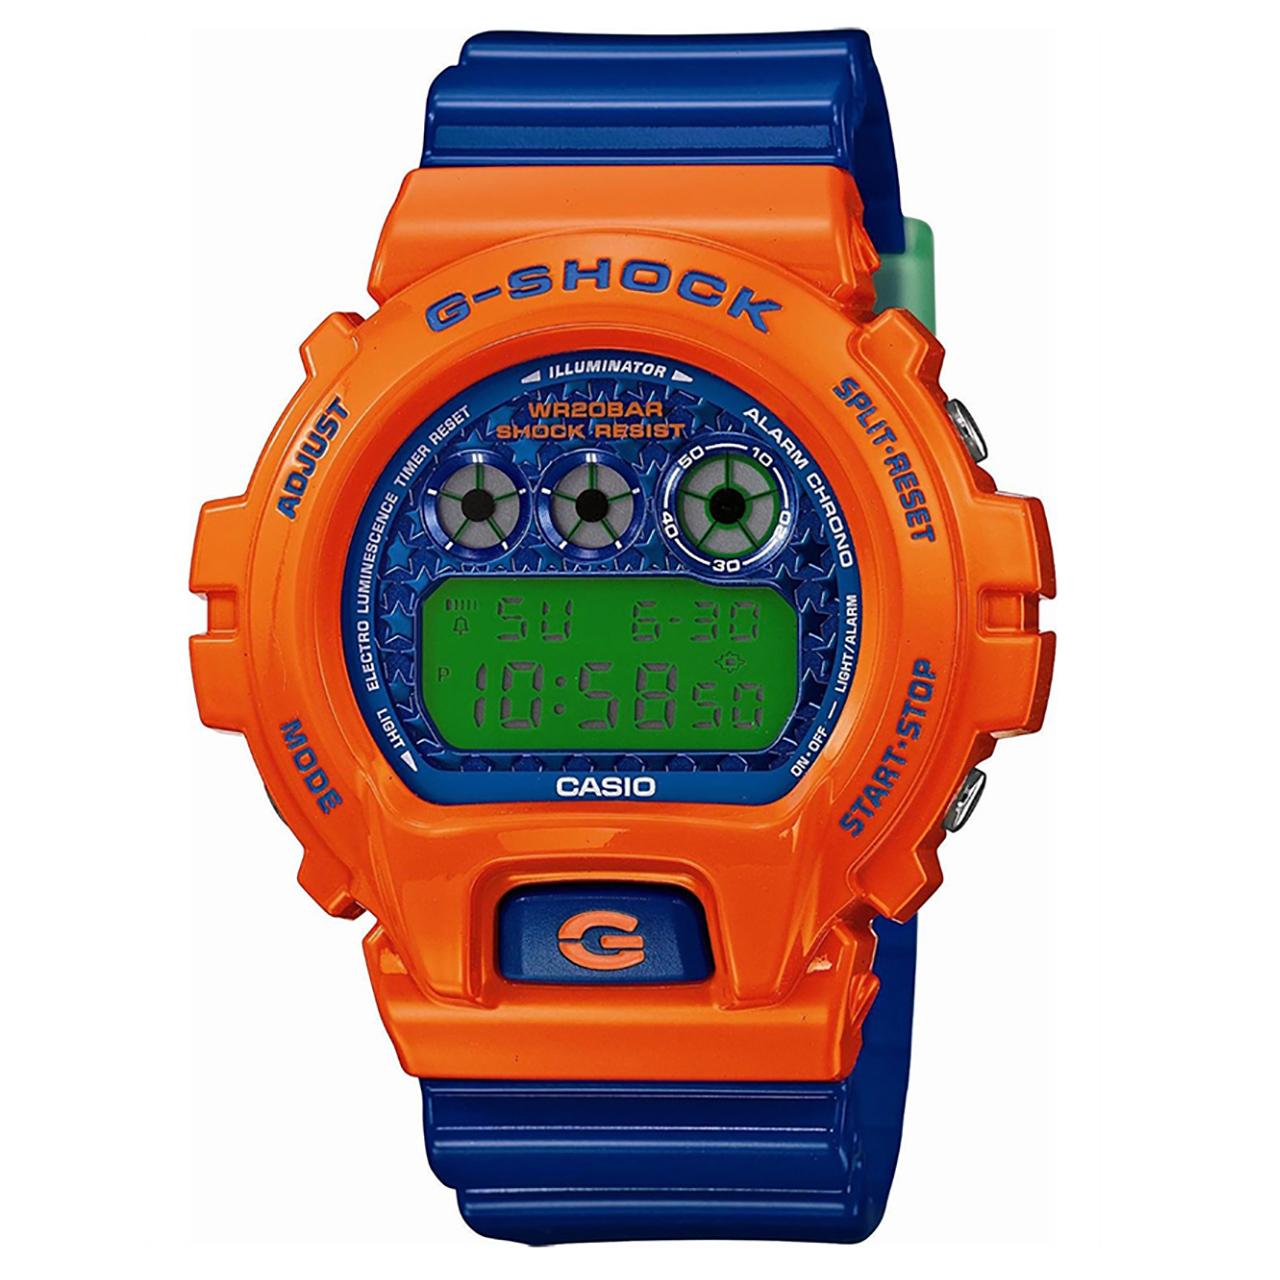 ساعت مچی دیجیتالی کاسیو جی شاک مدل DW-6900SC-4DR